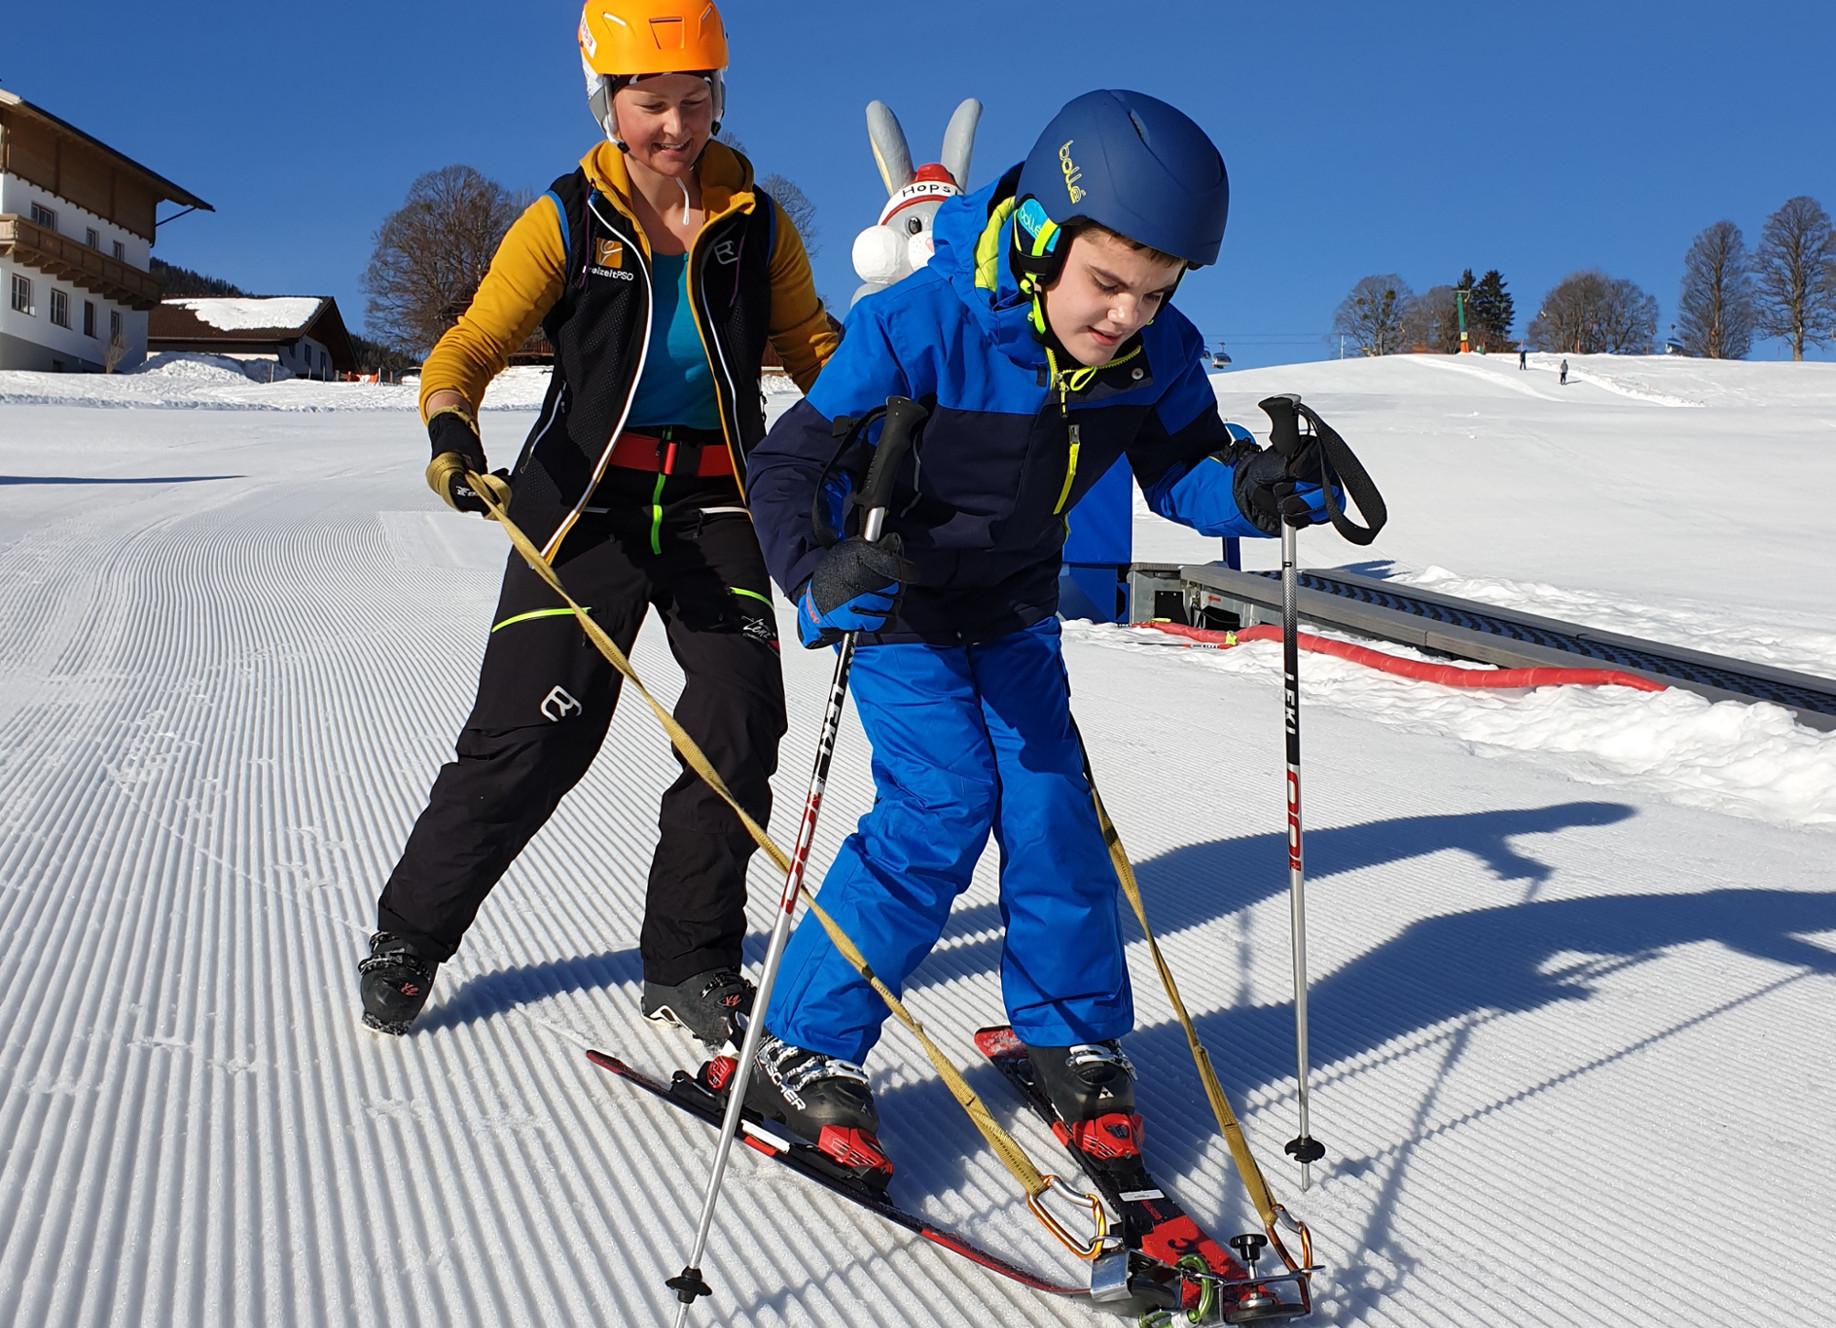 Skifahren stehend mit Hilfsmittel